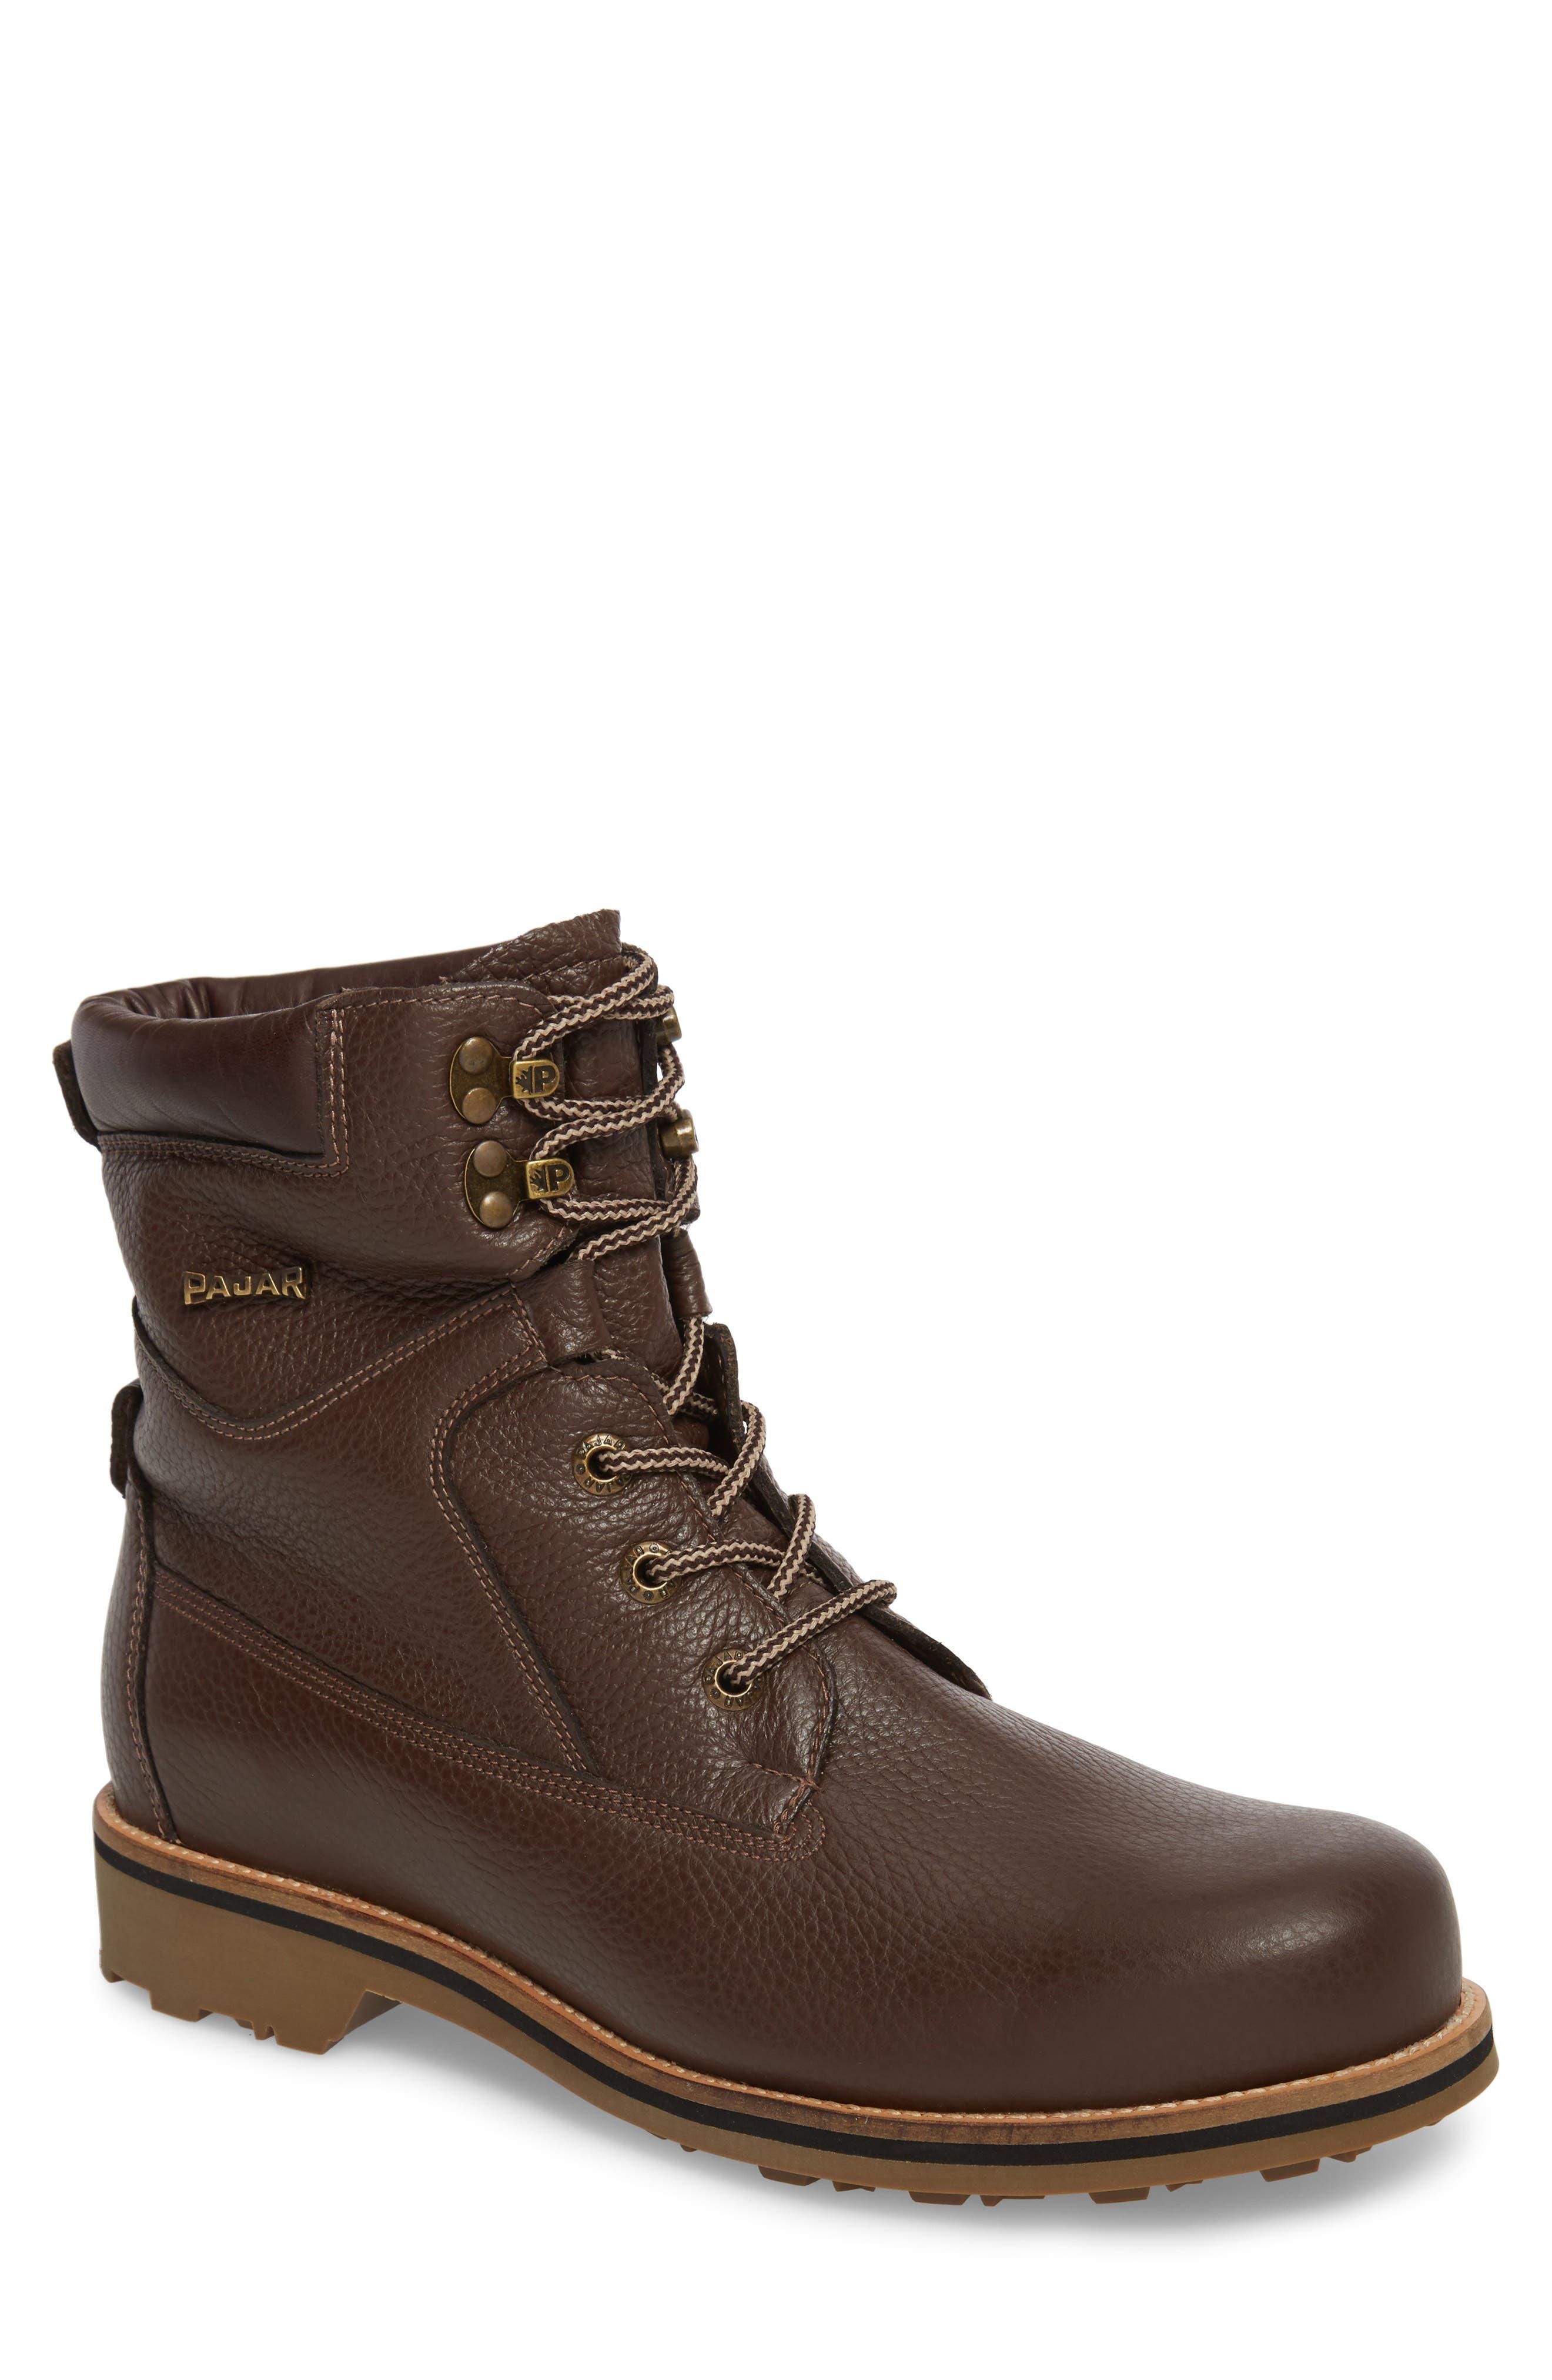 David Plain Toe Boot,                         Main,                         color, Chocolate Leather